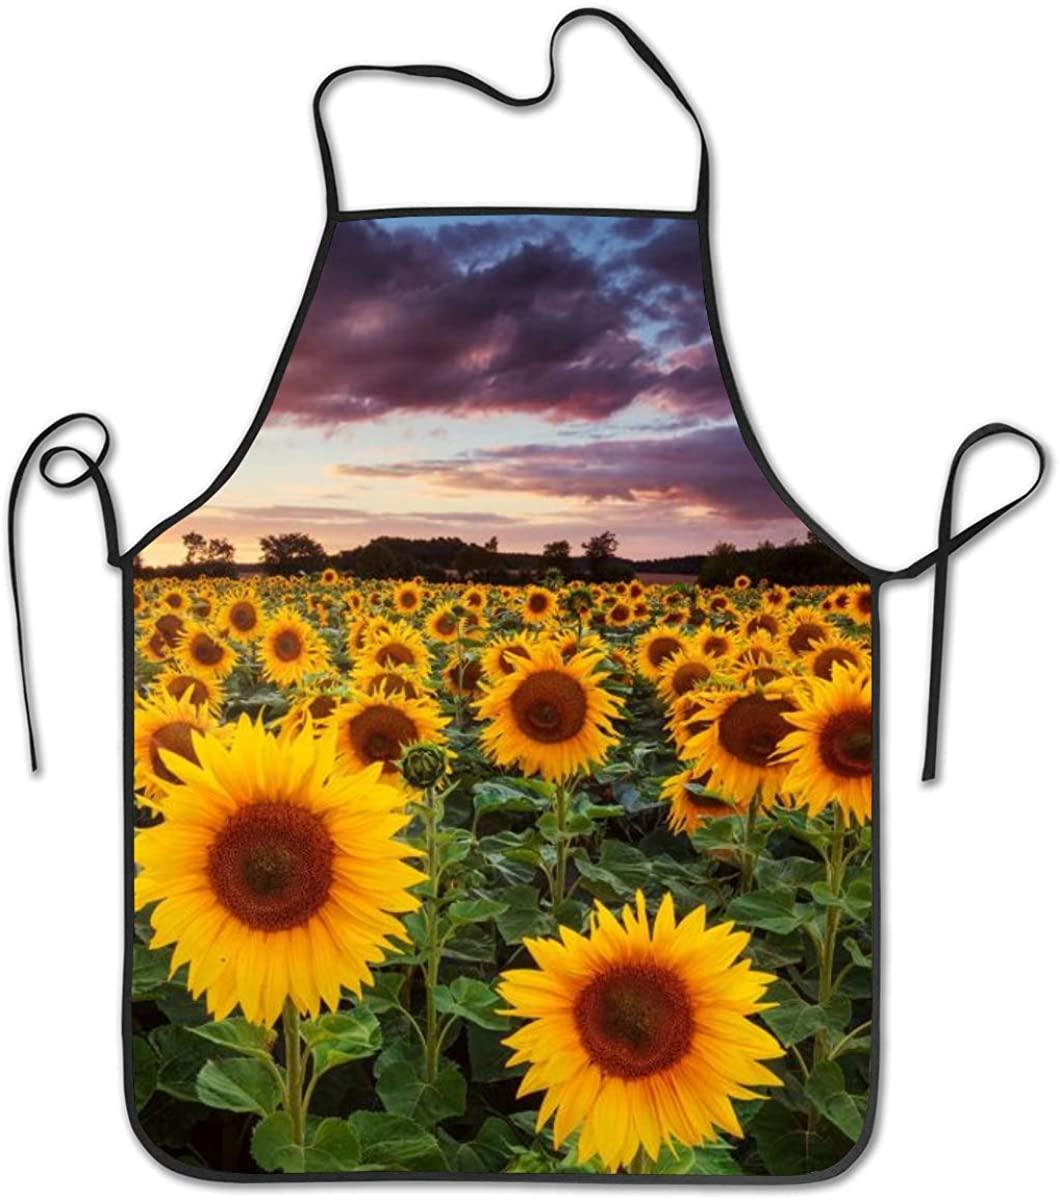 Darkt Sunflowers Kitchen Apron Waist Adjustable Men And Women 20.4X28.3 In